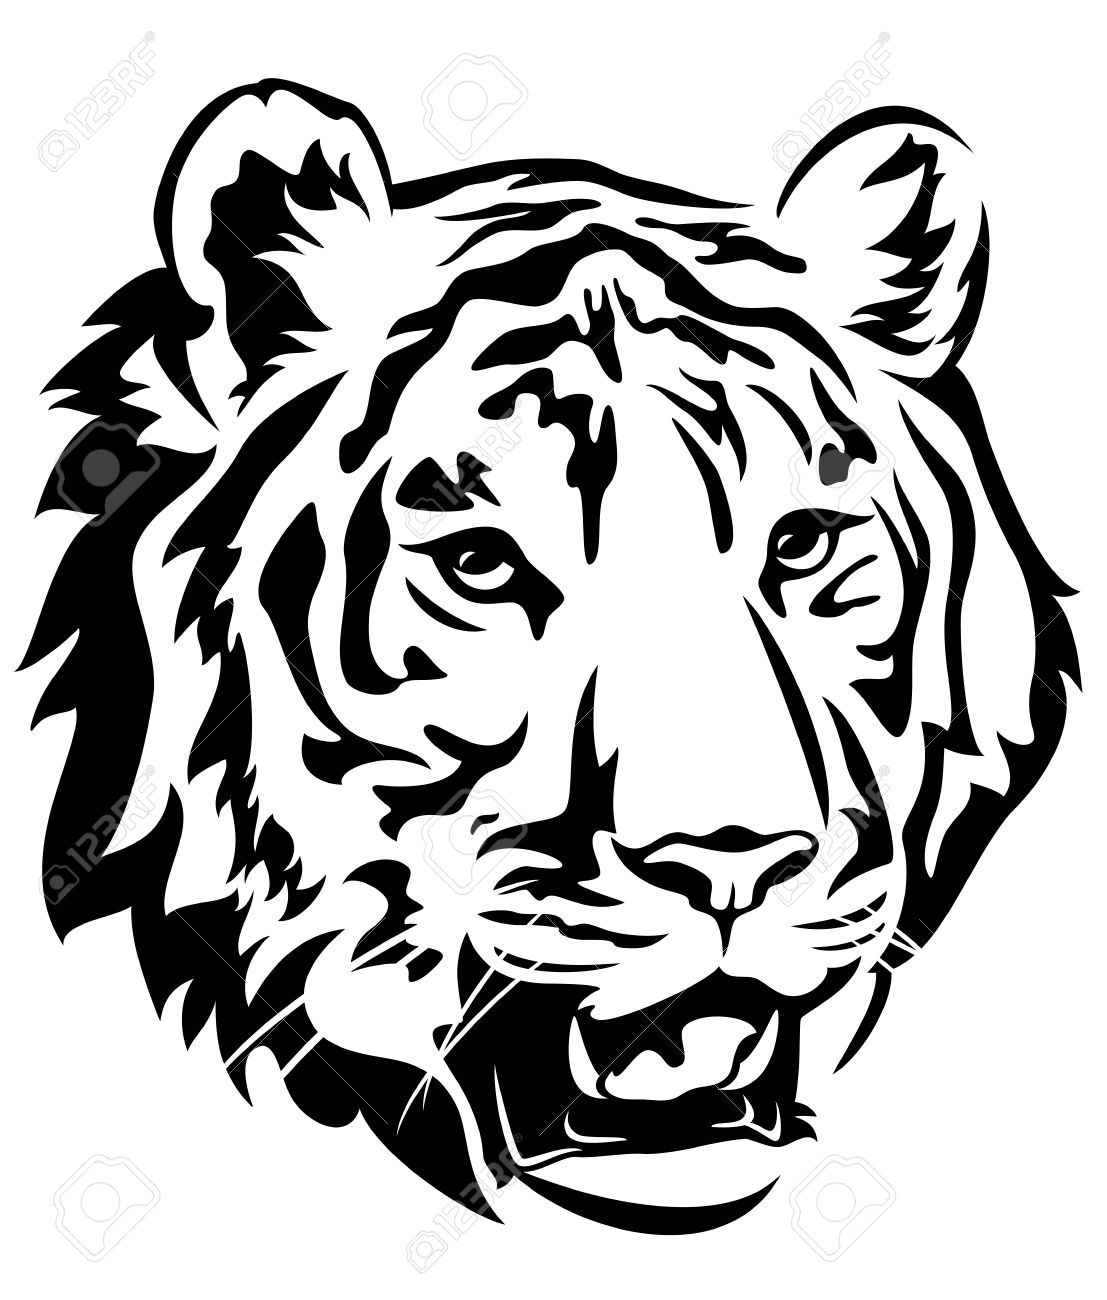 tiger head emblem design - big cat black and white vector outline - 29291766